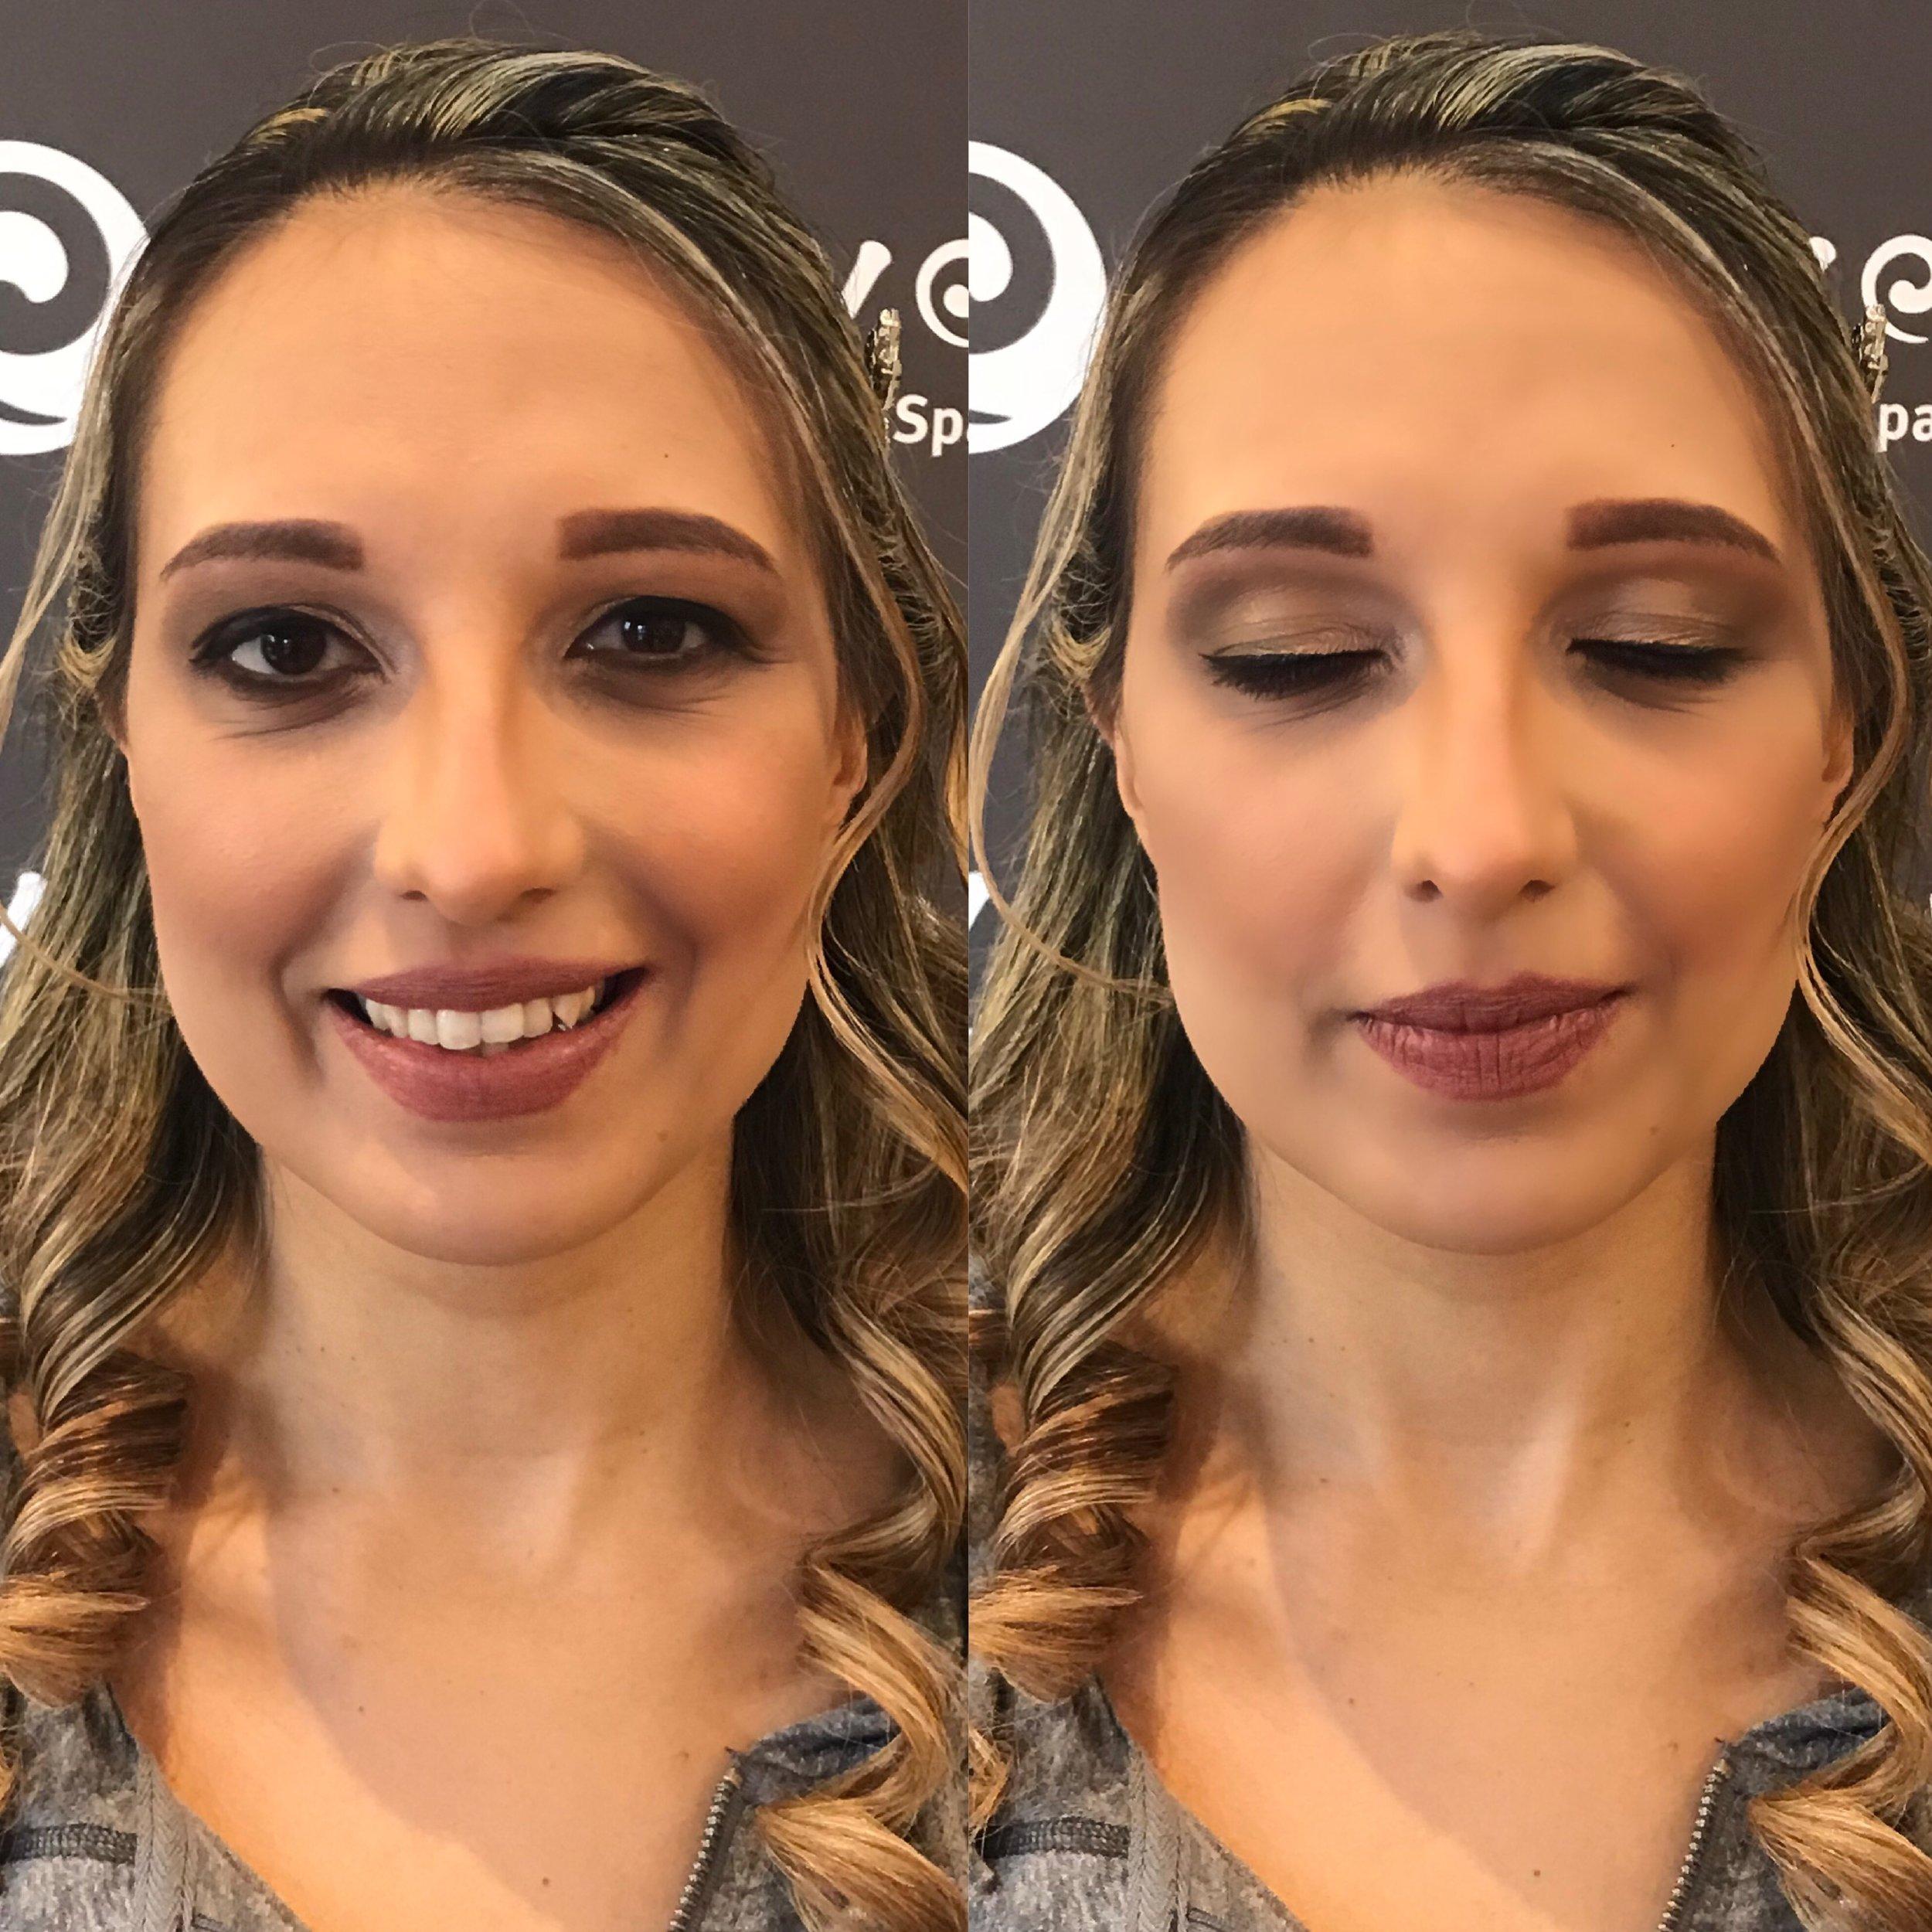 Cristina Makeup1.JPG